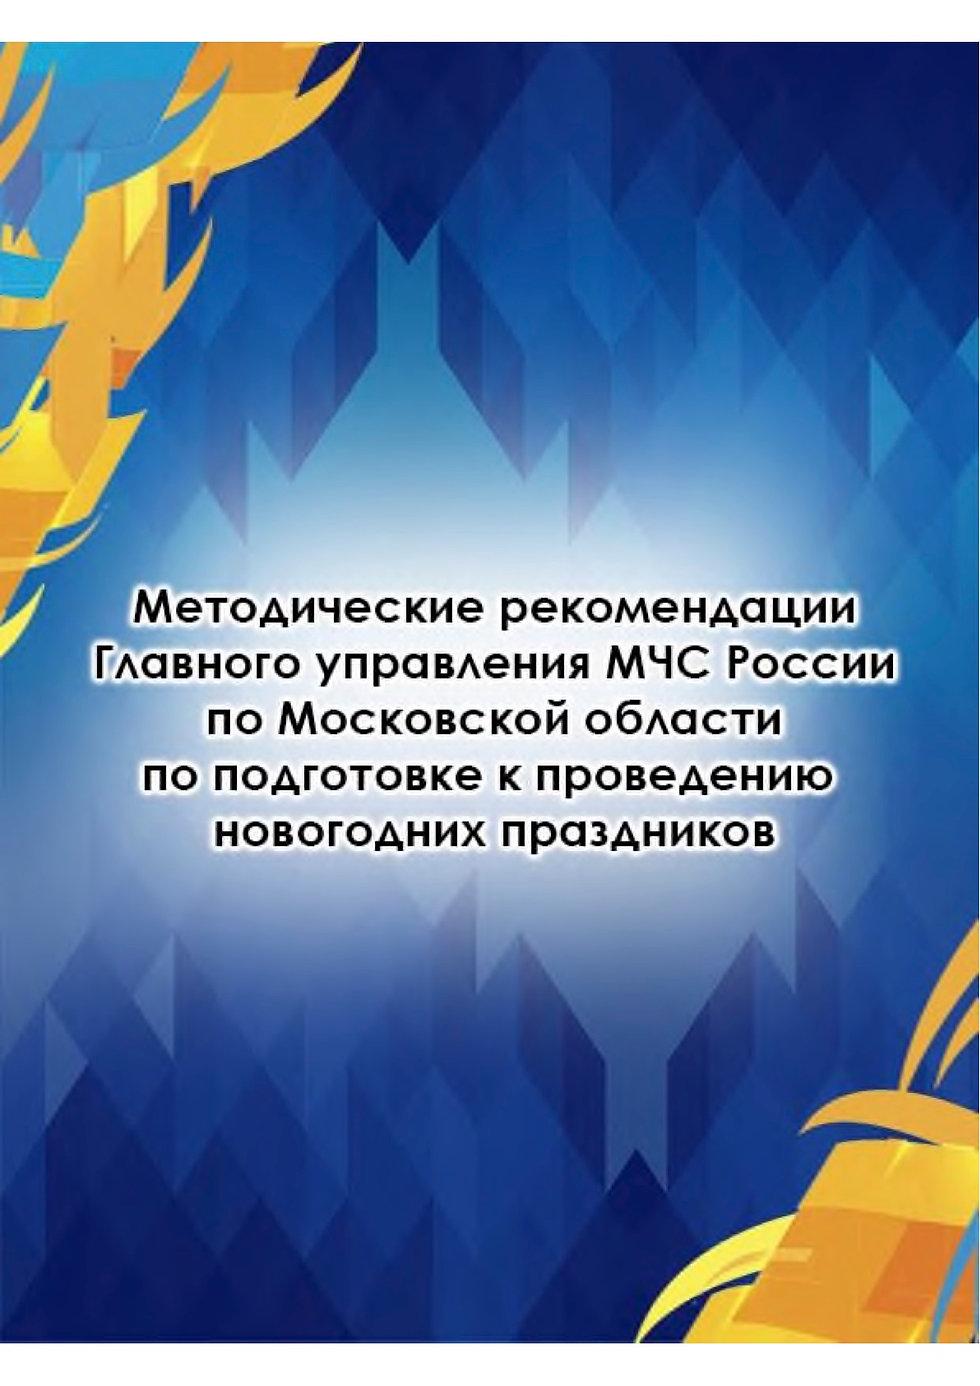 Методич. реком. Главного управления по Н